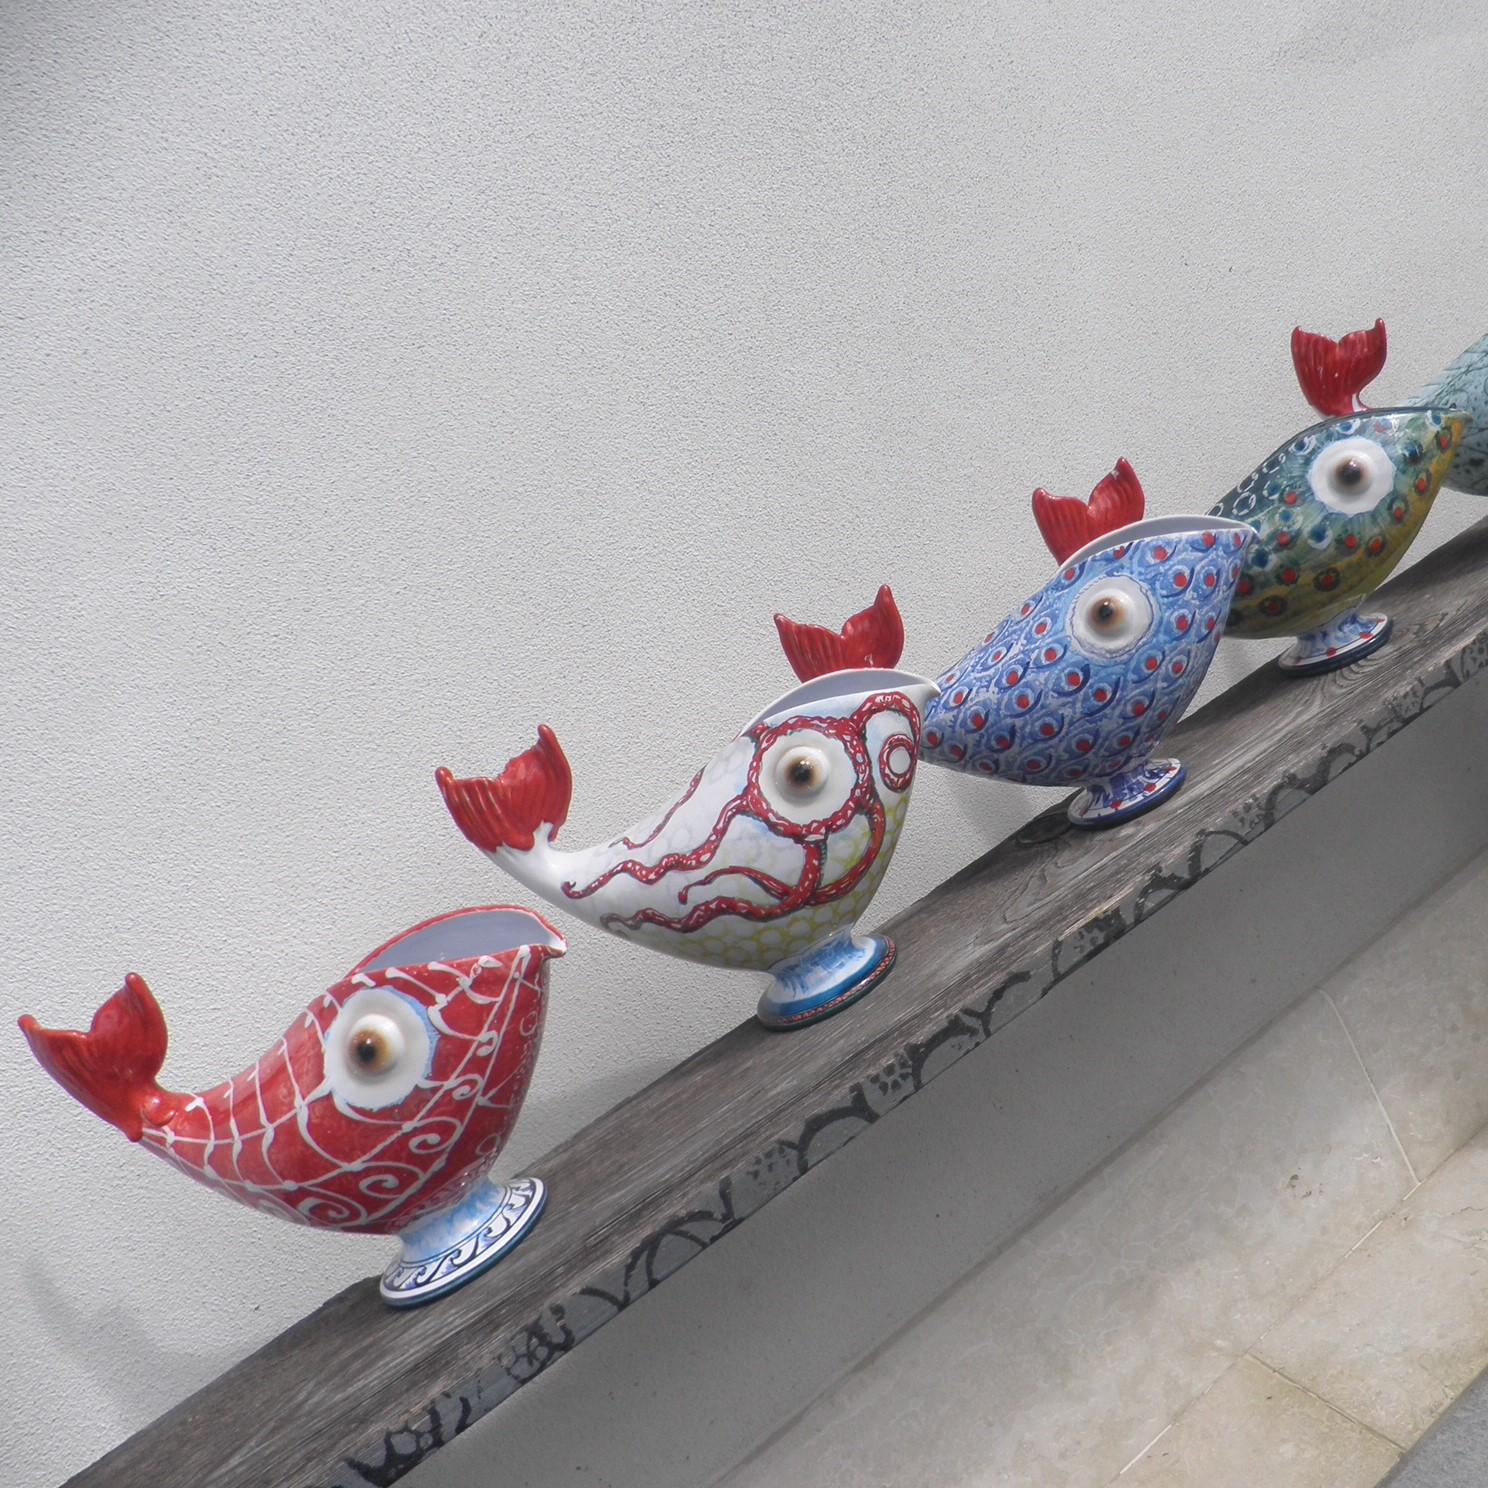 Espositori Festa della Ceramica 2018 - Collanega Leonardo